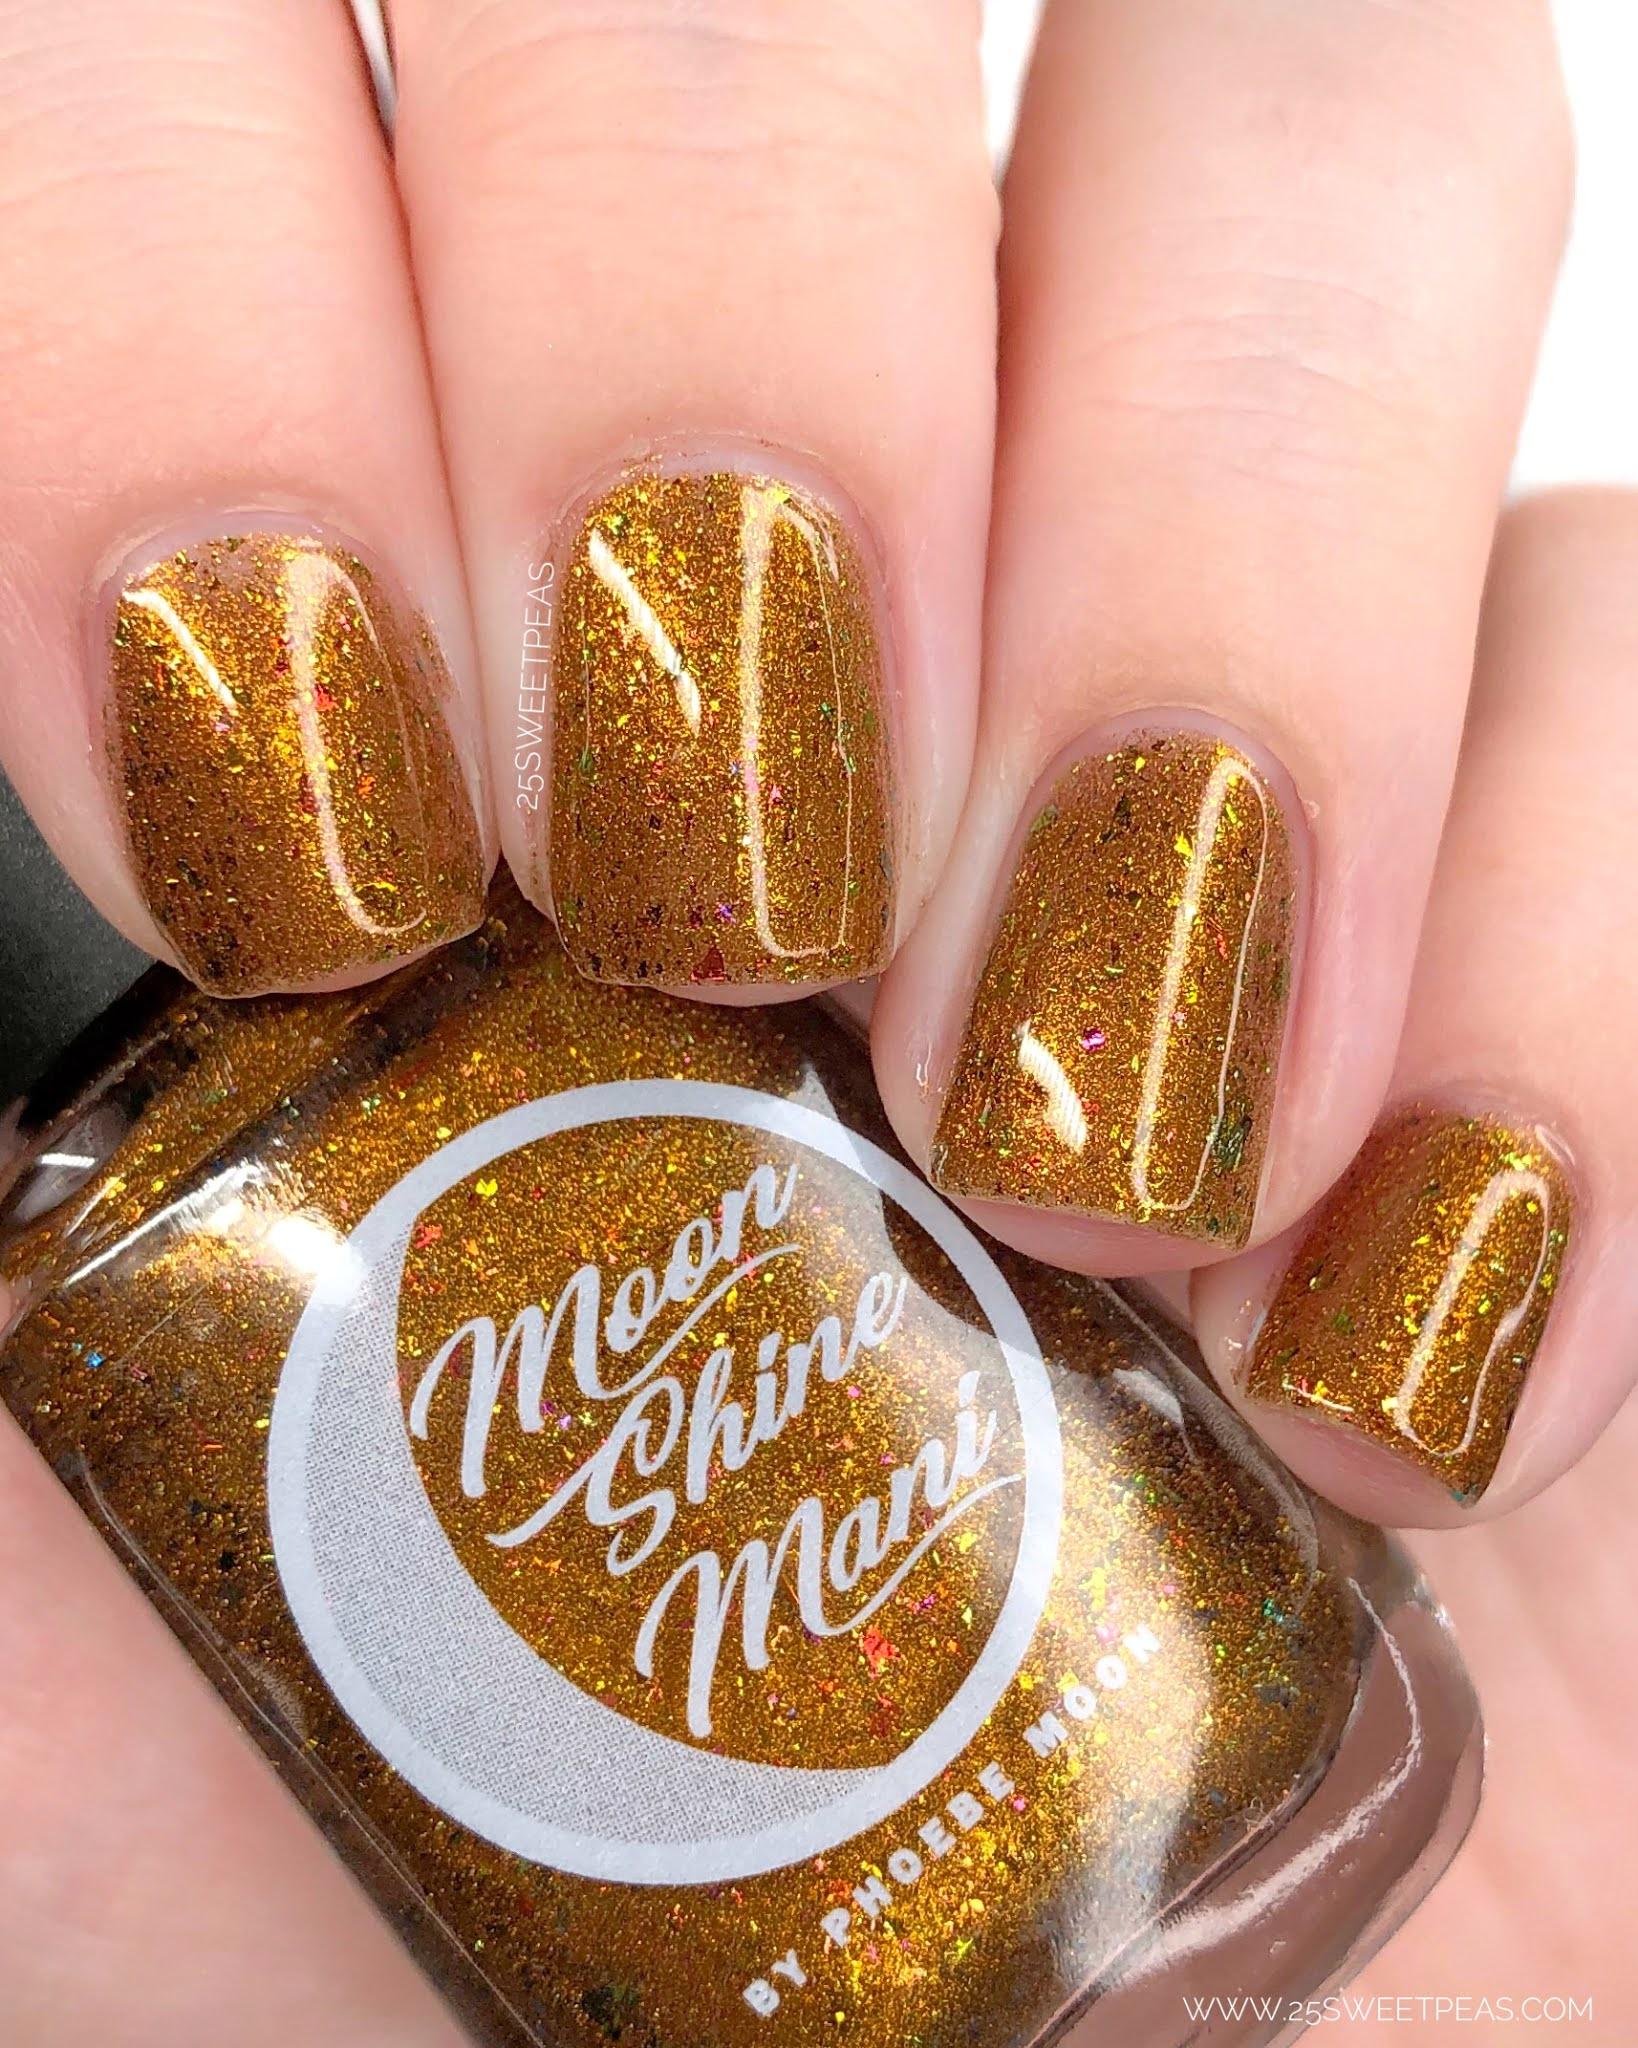 Moon Shine Mani Magni Bronzebeard 2.0 25 Sweetpeas